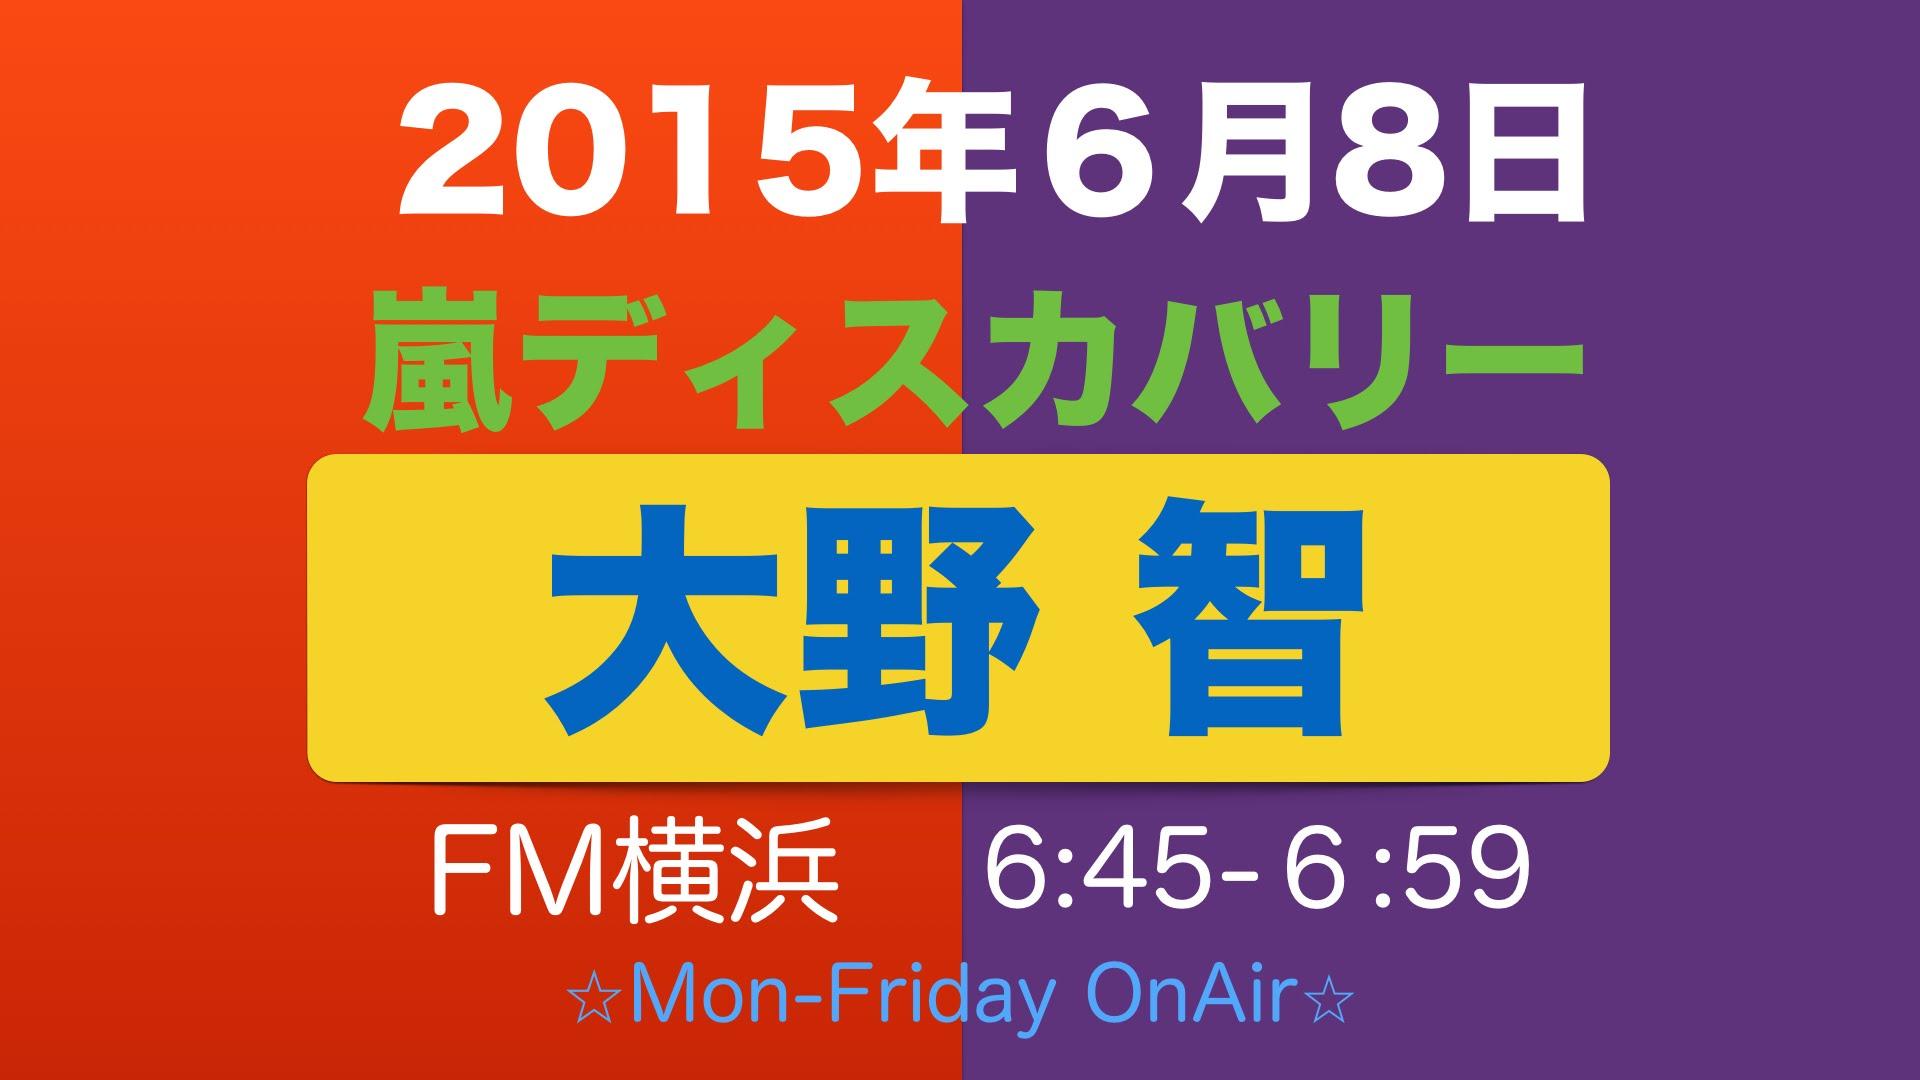 6月6〜7日で京セラで開催された「嵐のわくわく学校」Hey!Sey!Jump! との絡み裏話は?!松方弘樹の釣った巨大マグロの話に盛り上がる大野くんだった(6月8日レポ)